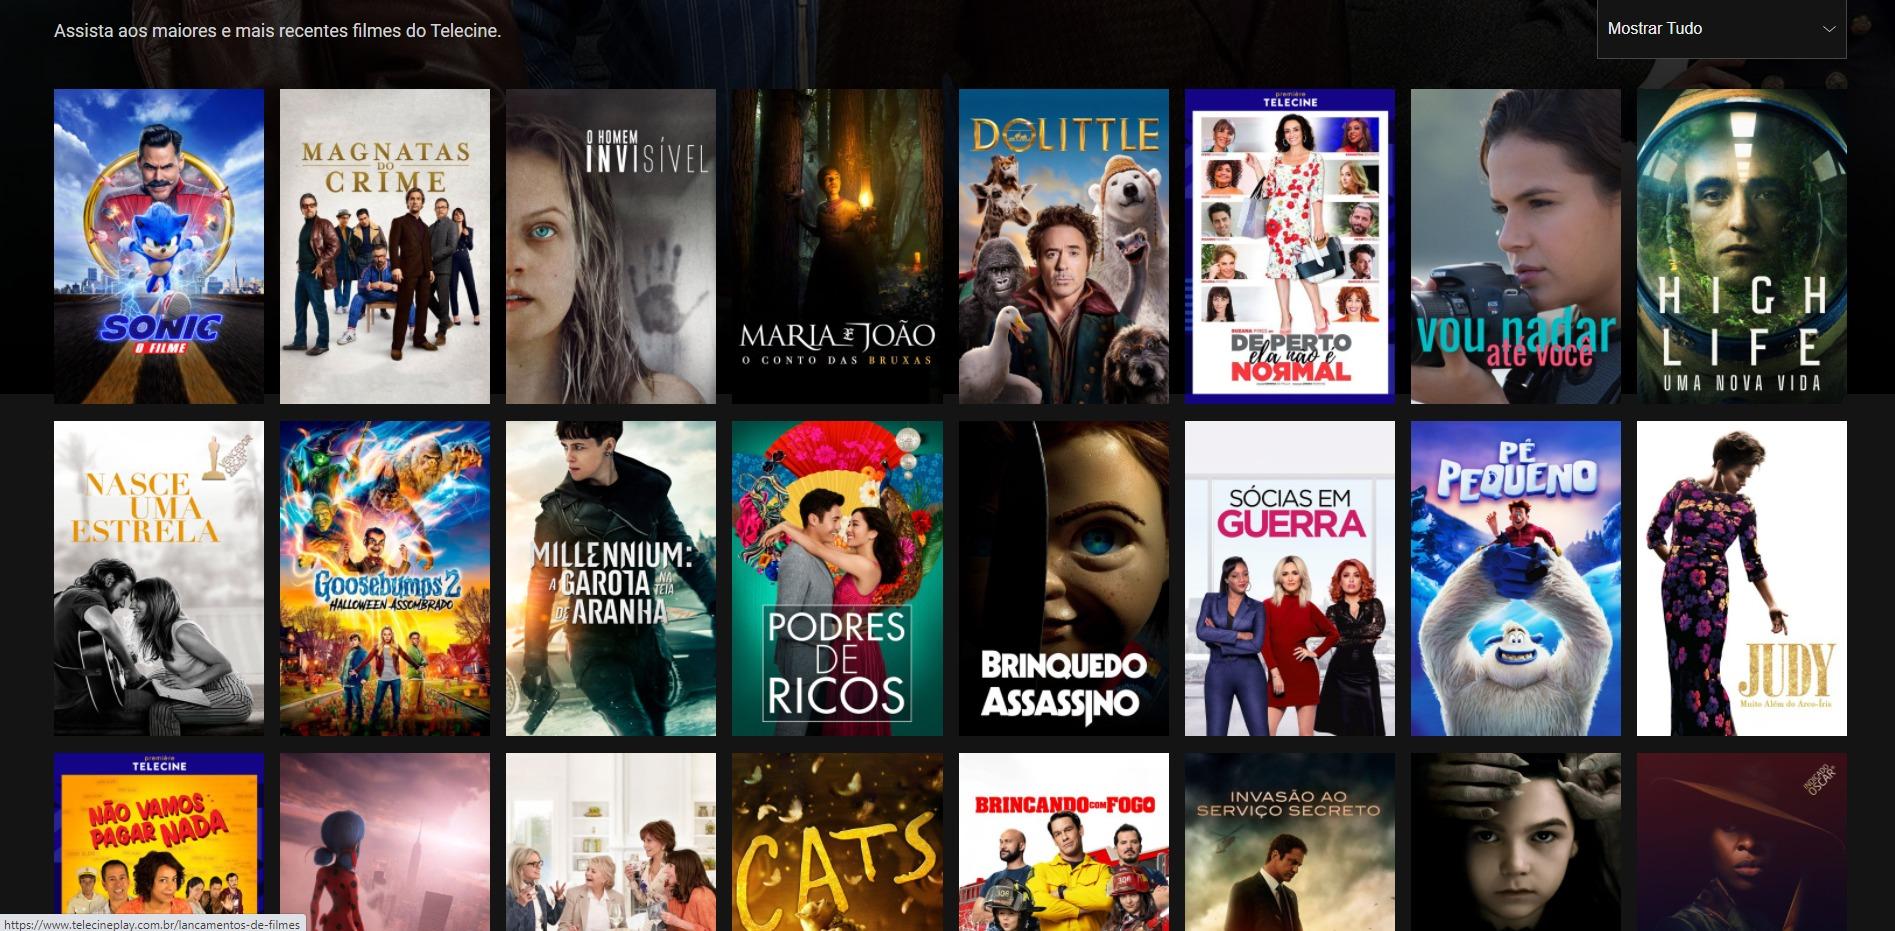 Em bundle com o Globoplay, o Telecine traz um catálogo de 2 mil filmes para assistir (Imagem: reprodução / Telecine)